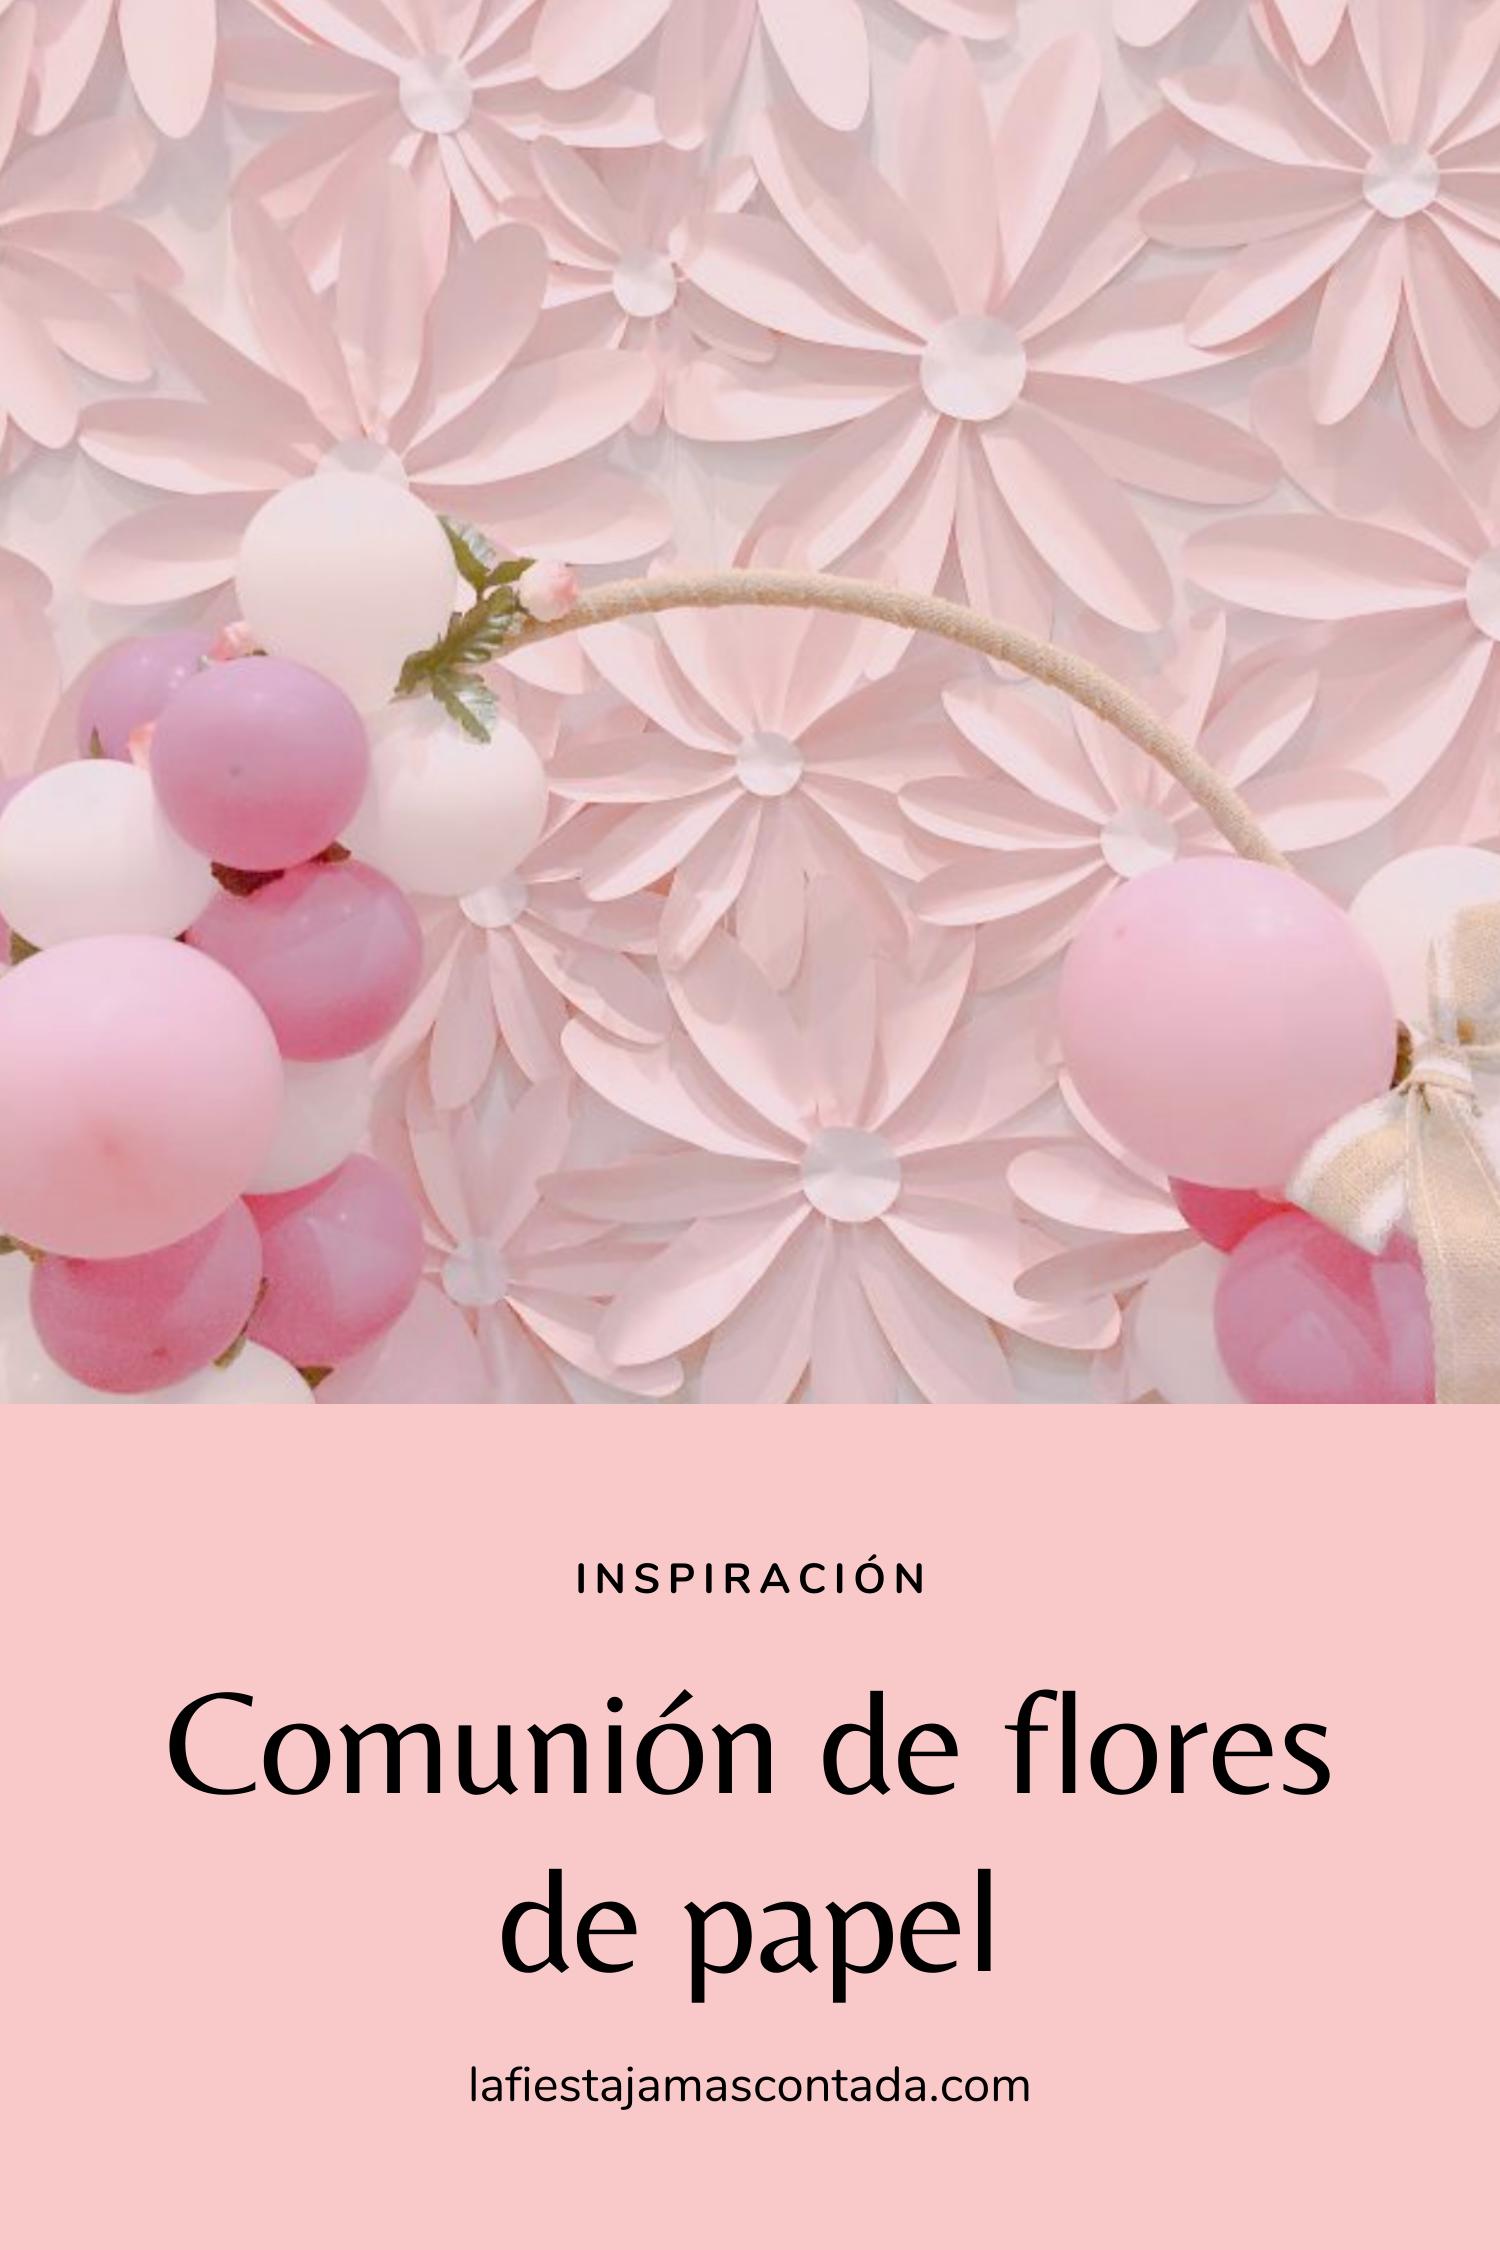 La Comunión De Flores De Papel La Fiesta Jamás Contada Sobres De Papel Flores De Papel Libros De Comunion